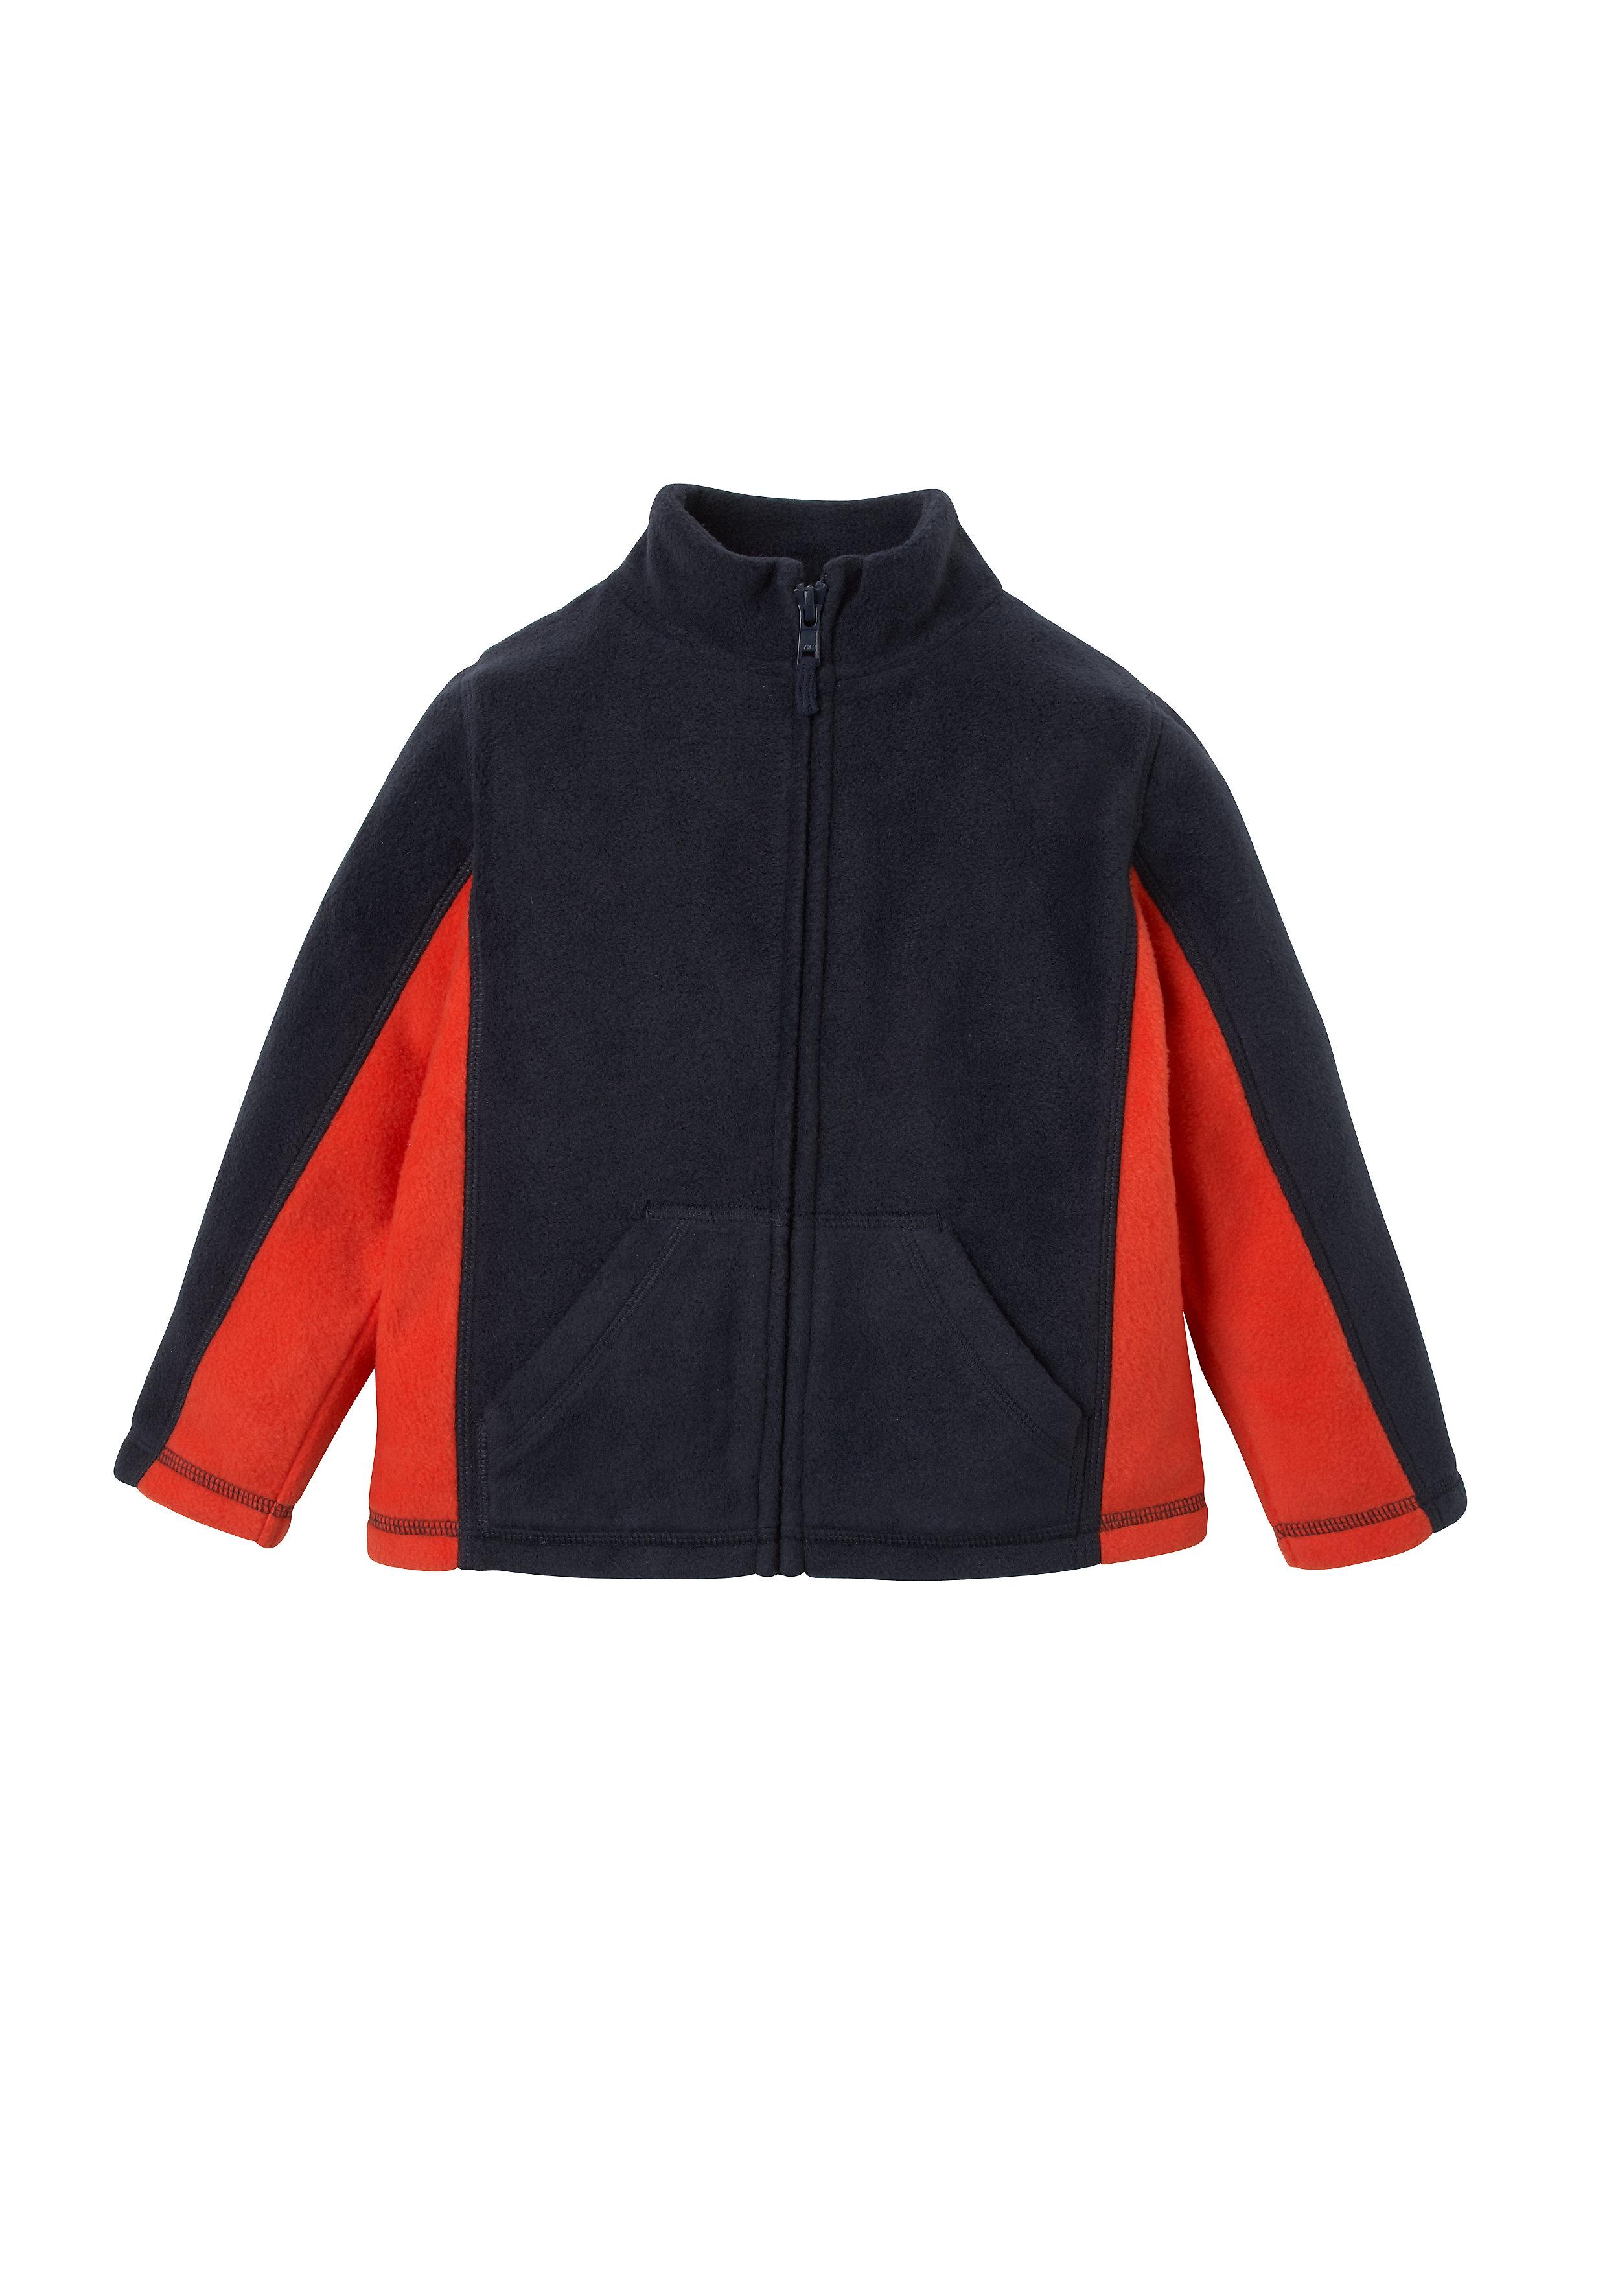 Mothercare | Boys Full Sleeves Sweatshirts Fleece - Navy